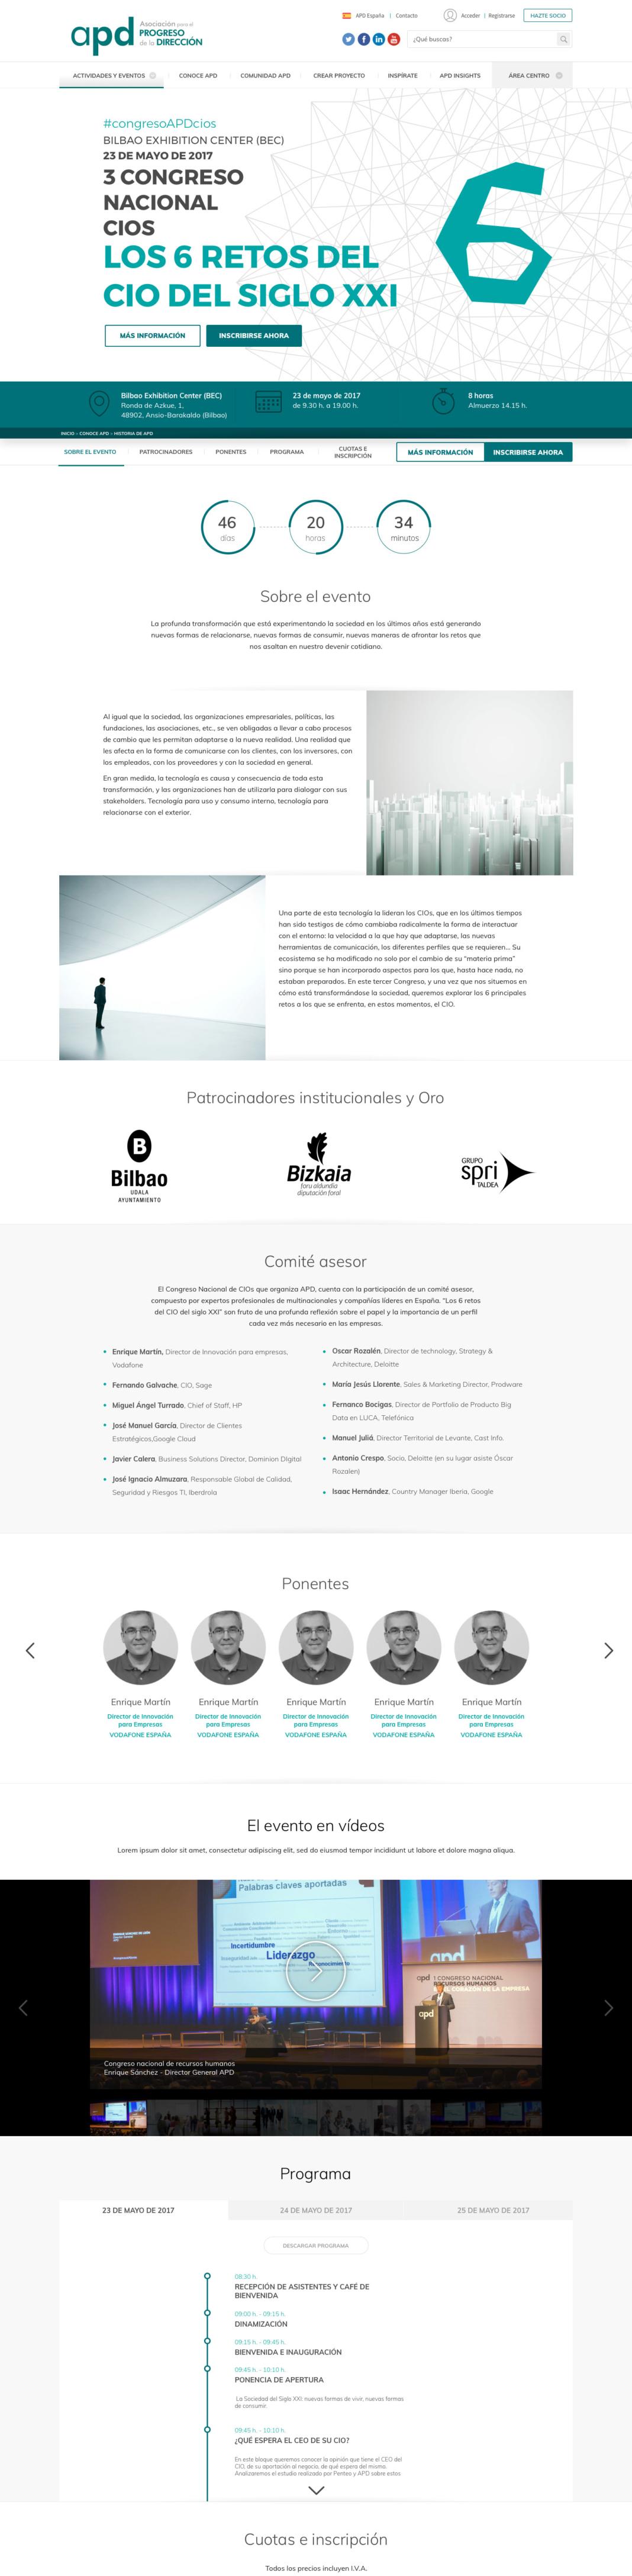 Diseño web APD: actividades y eventos